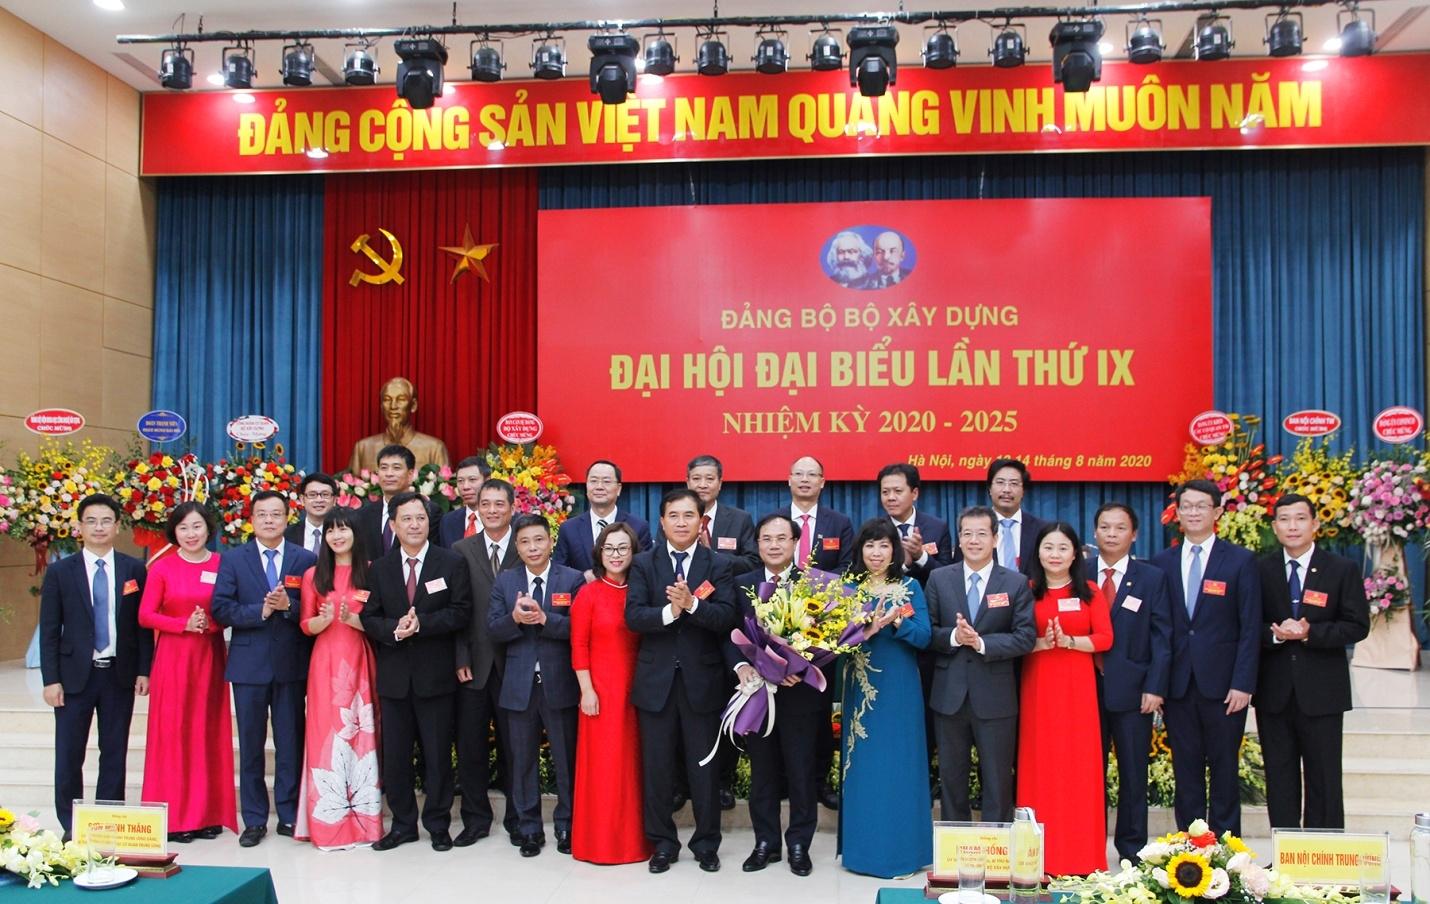 khai mac dai hoi dai bieu dang bo bo xay dung lan thu ix nhiem ky 2020 2025